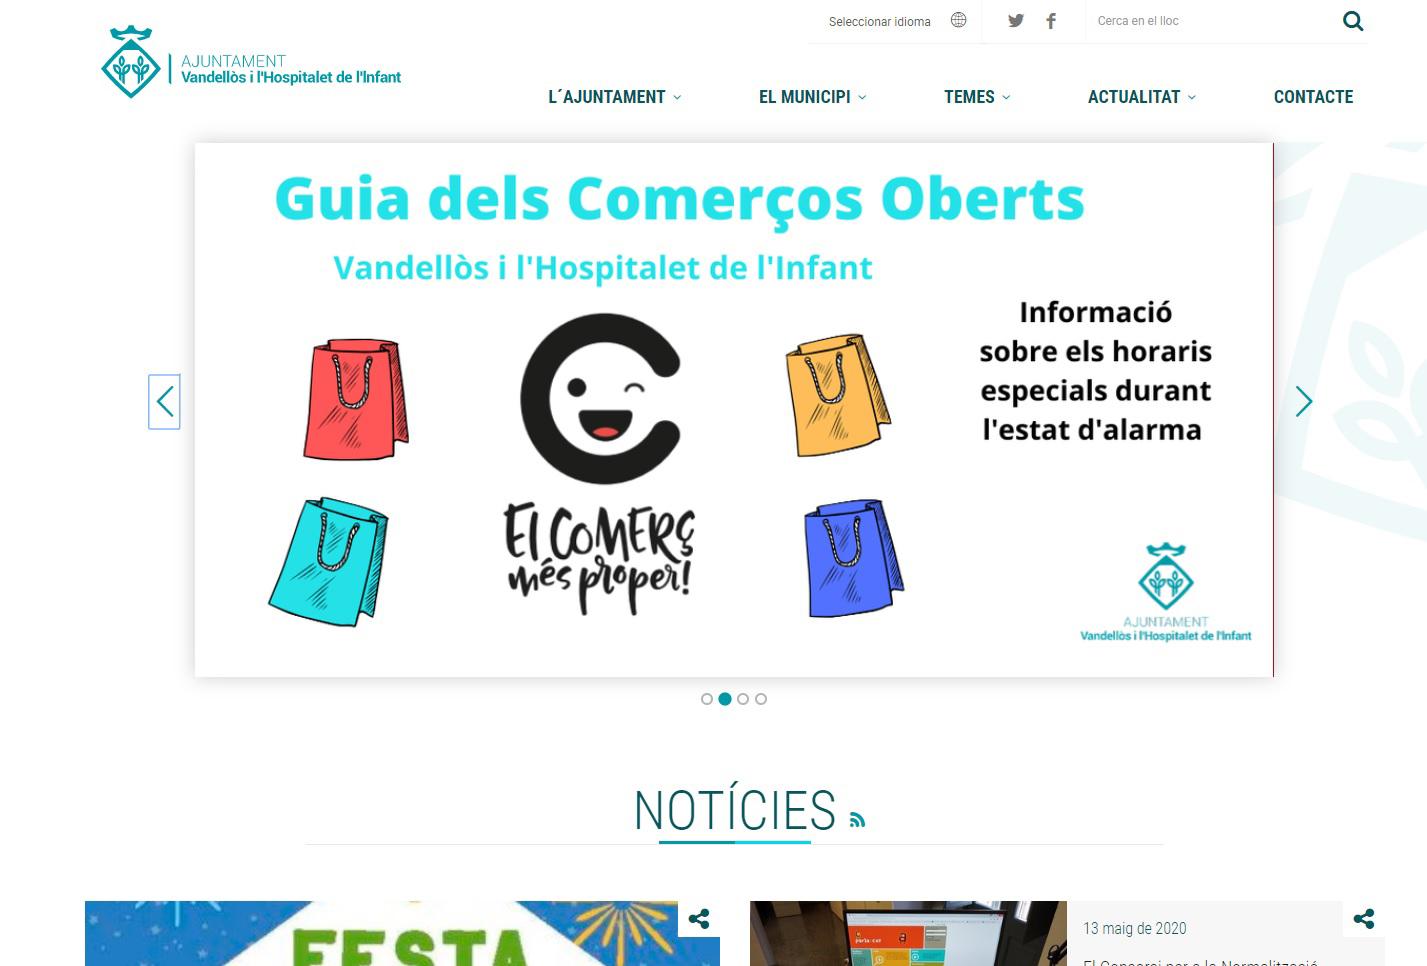 L'Ajuntament de Vandellòs i l'Hospitalet de l'Infant estrena nou portal web